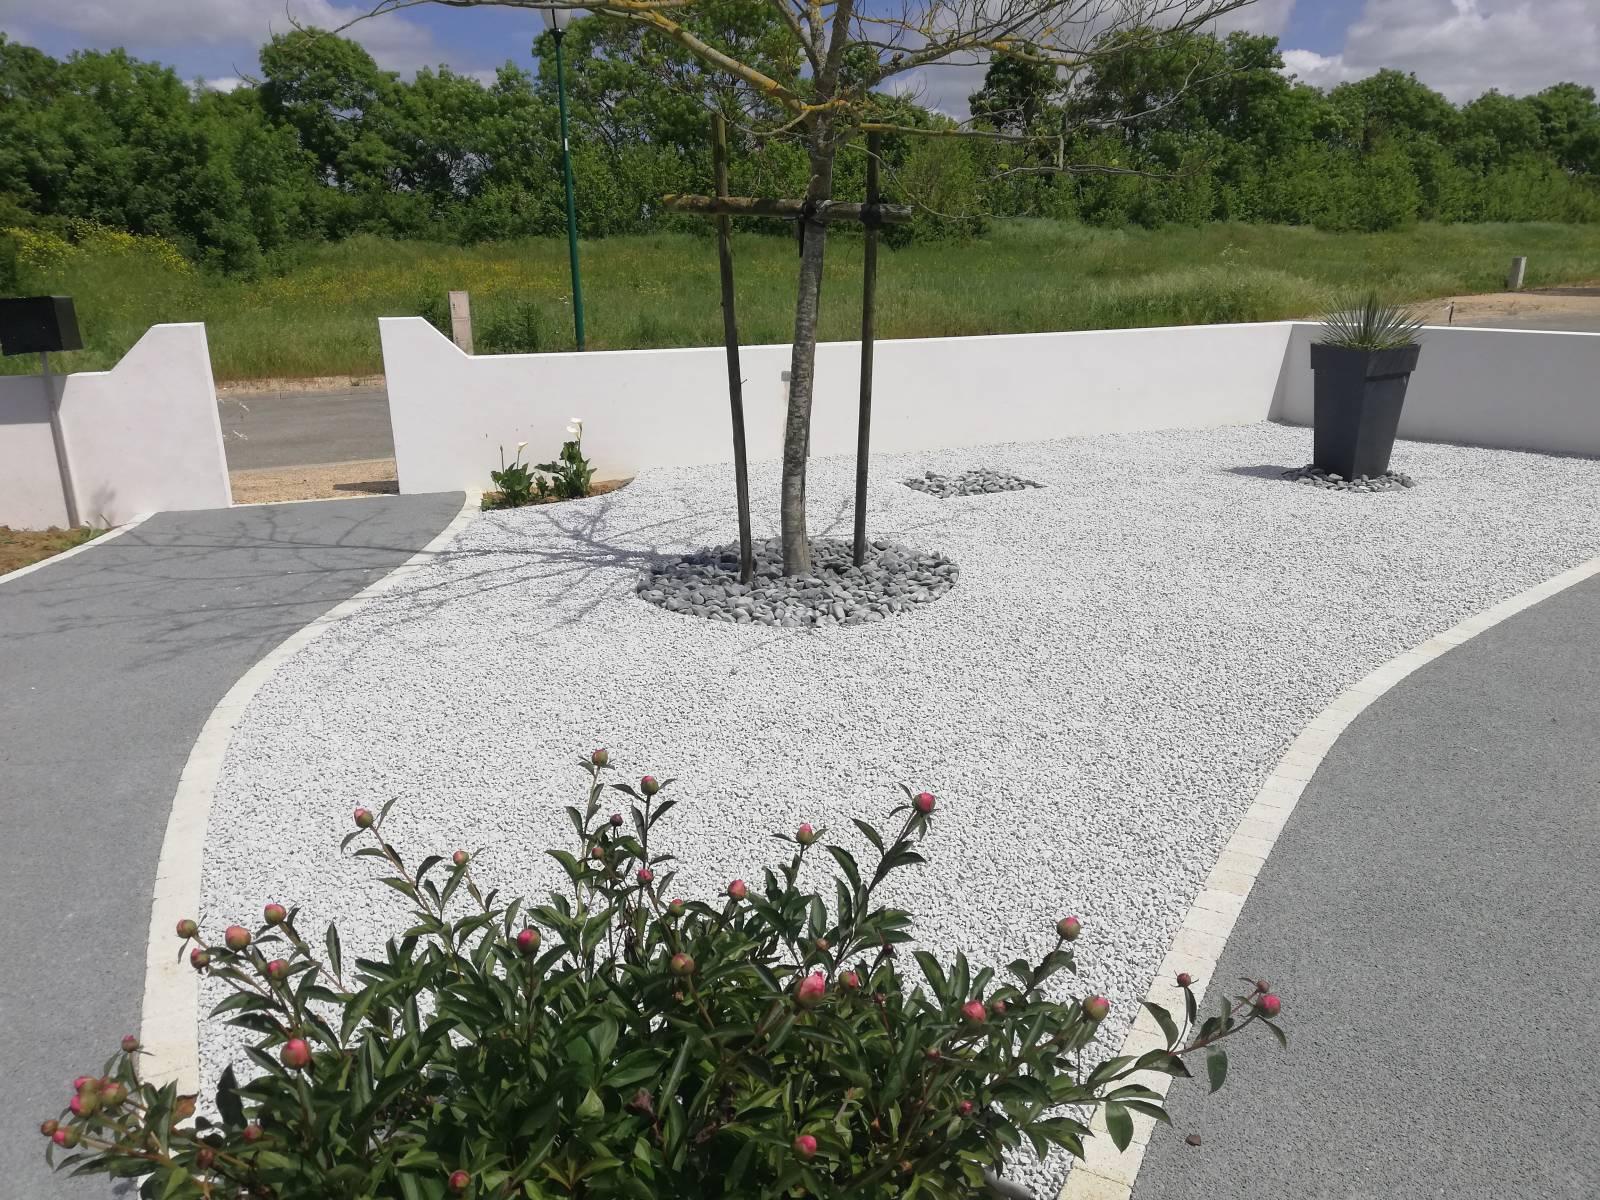 Idee Deco Jardin - Vente Et Pose De Revêtements Extérieurs ... intérieur Galet Blanc Jardin Pas Cher